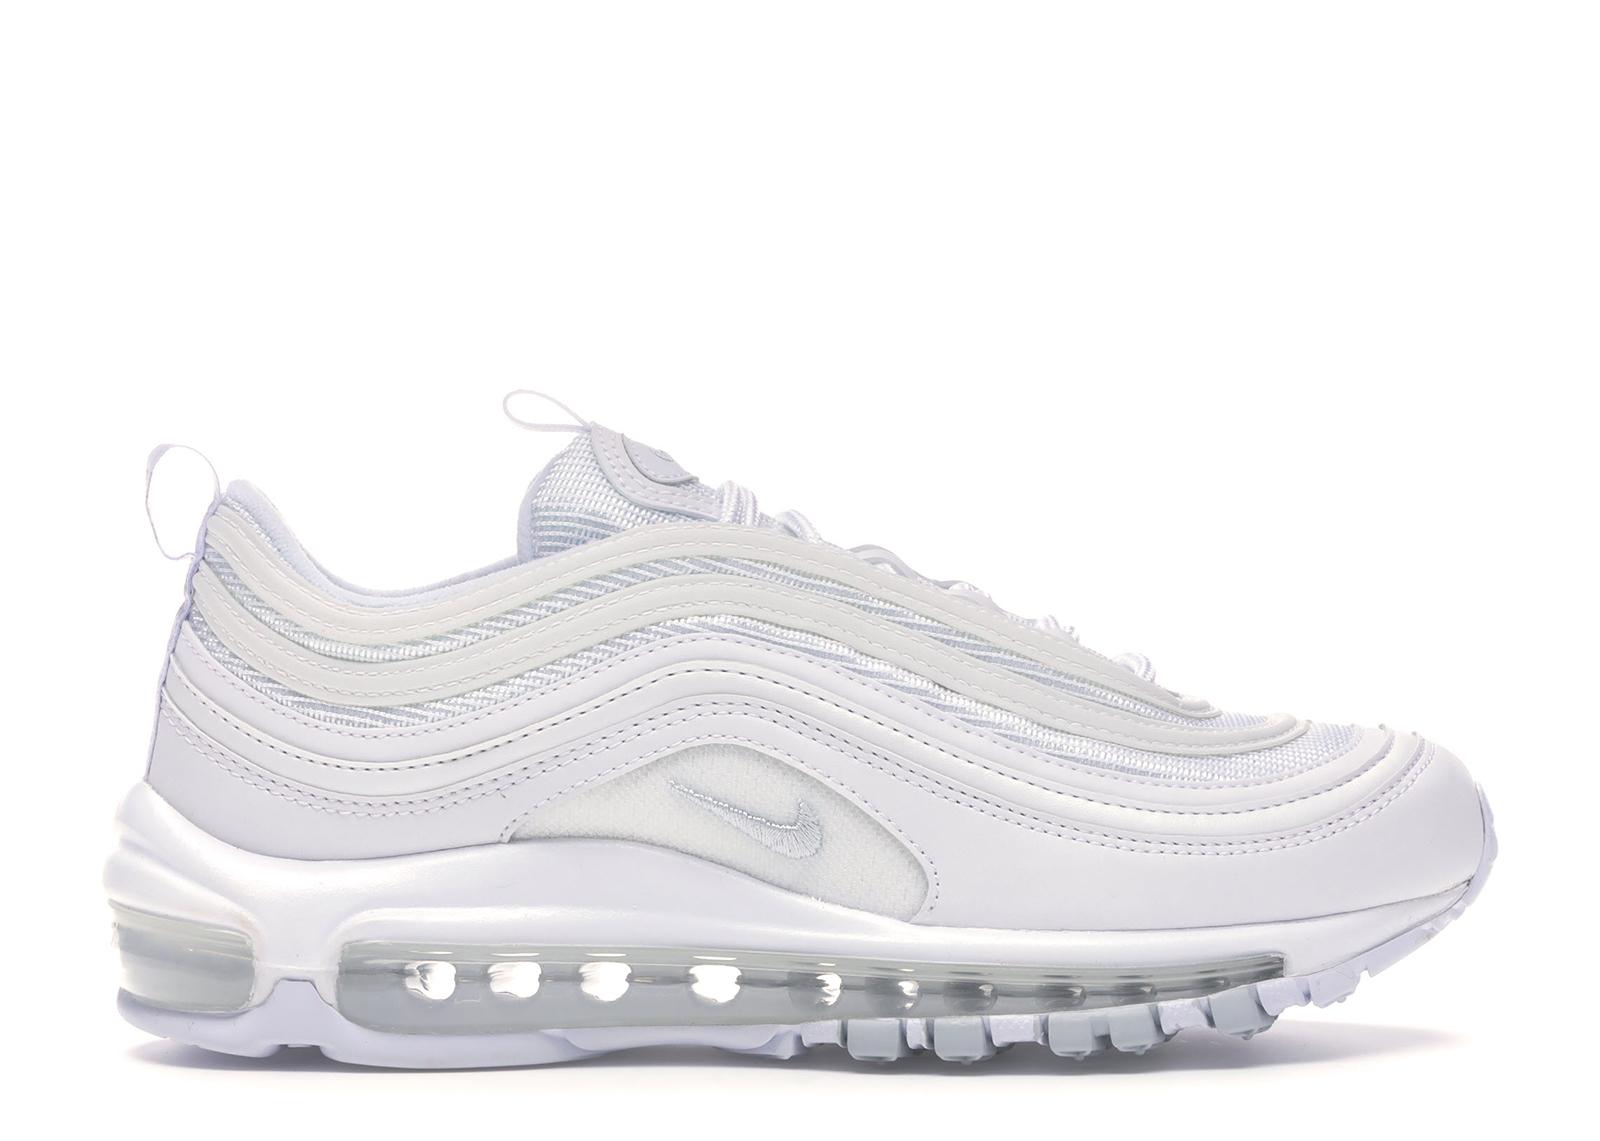 Nike Air Max 97 White Pure Platinum (W)